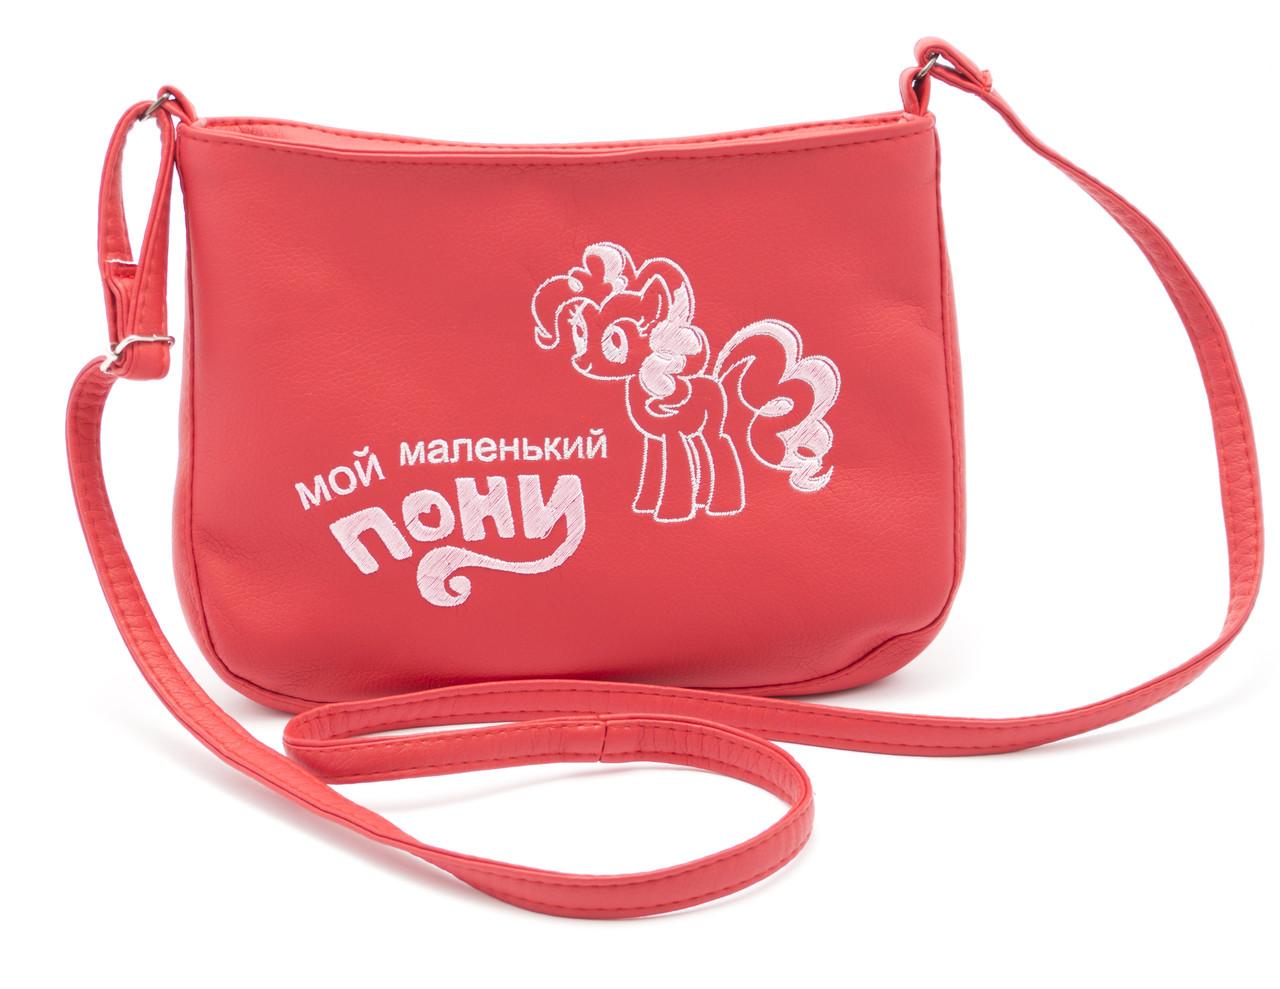 Детская красная сумка  Б/Н art. SMs Украина